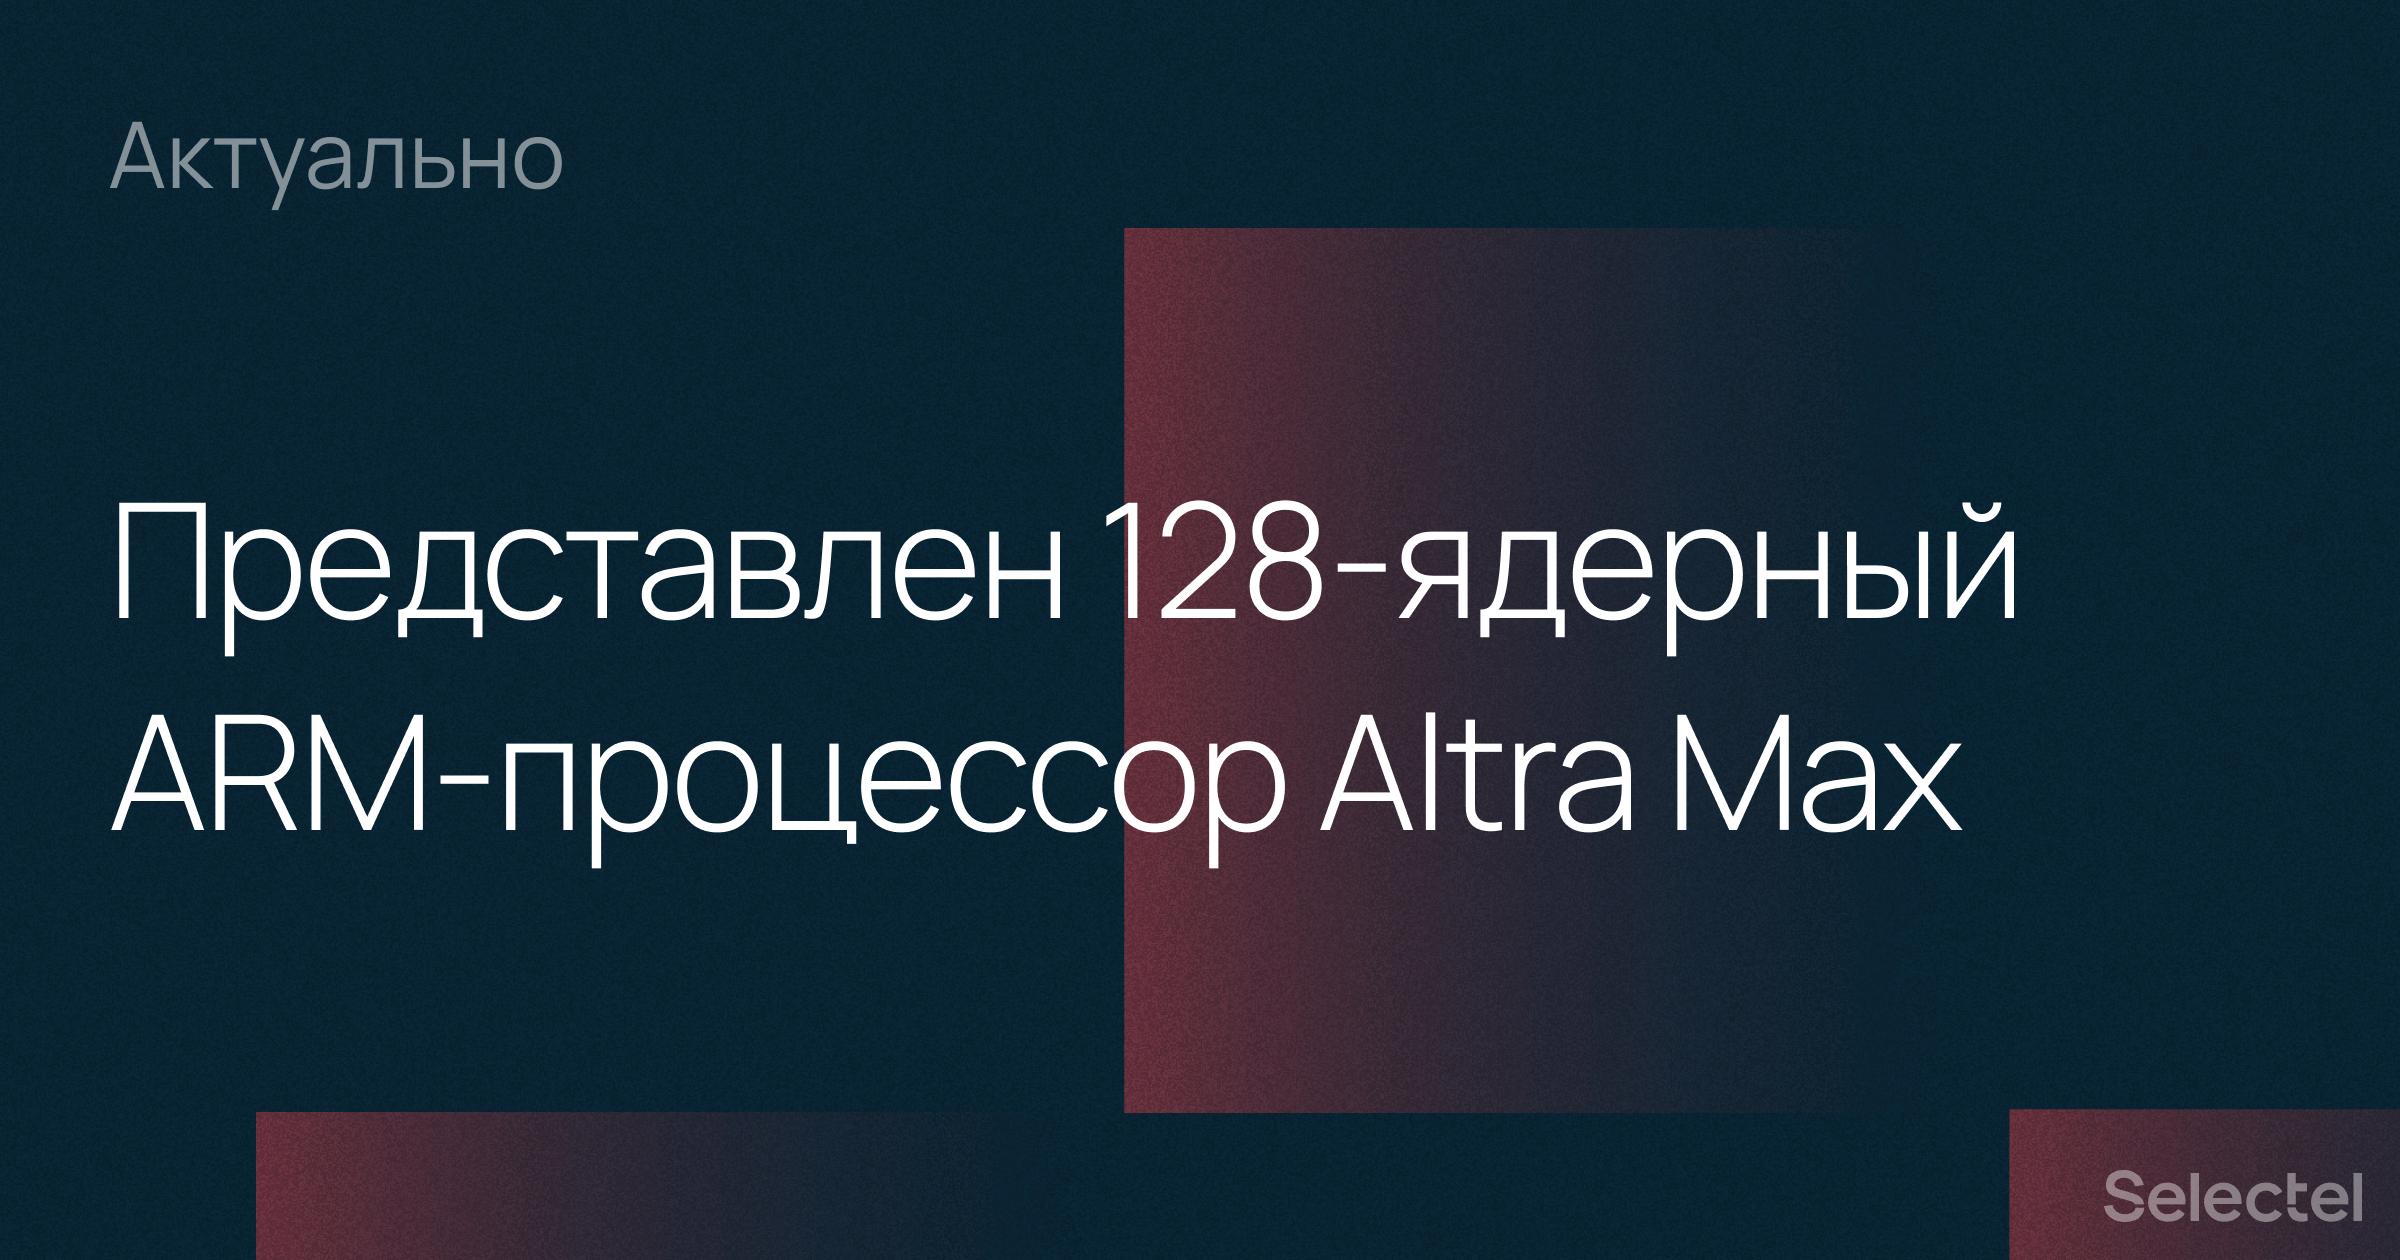 Компания Ampere анонсировала 128-ядерный ARM-процессор Altra Max - 1